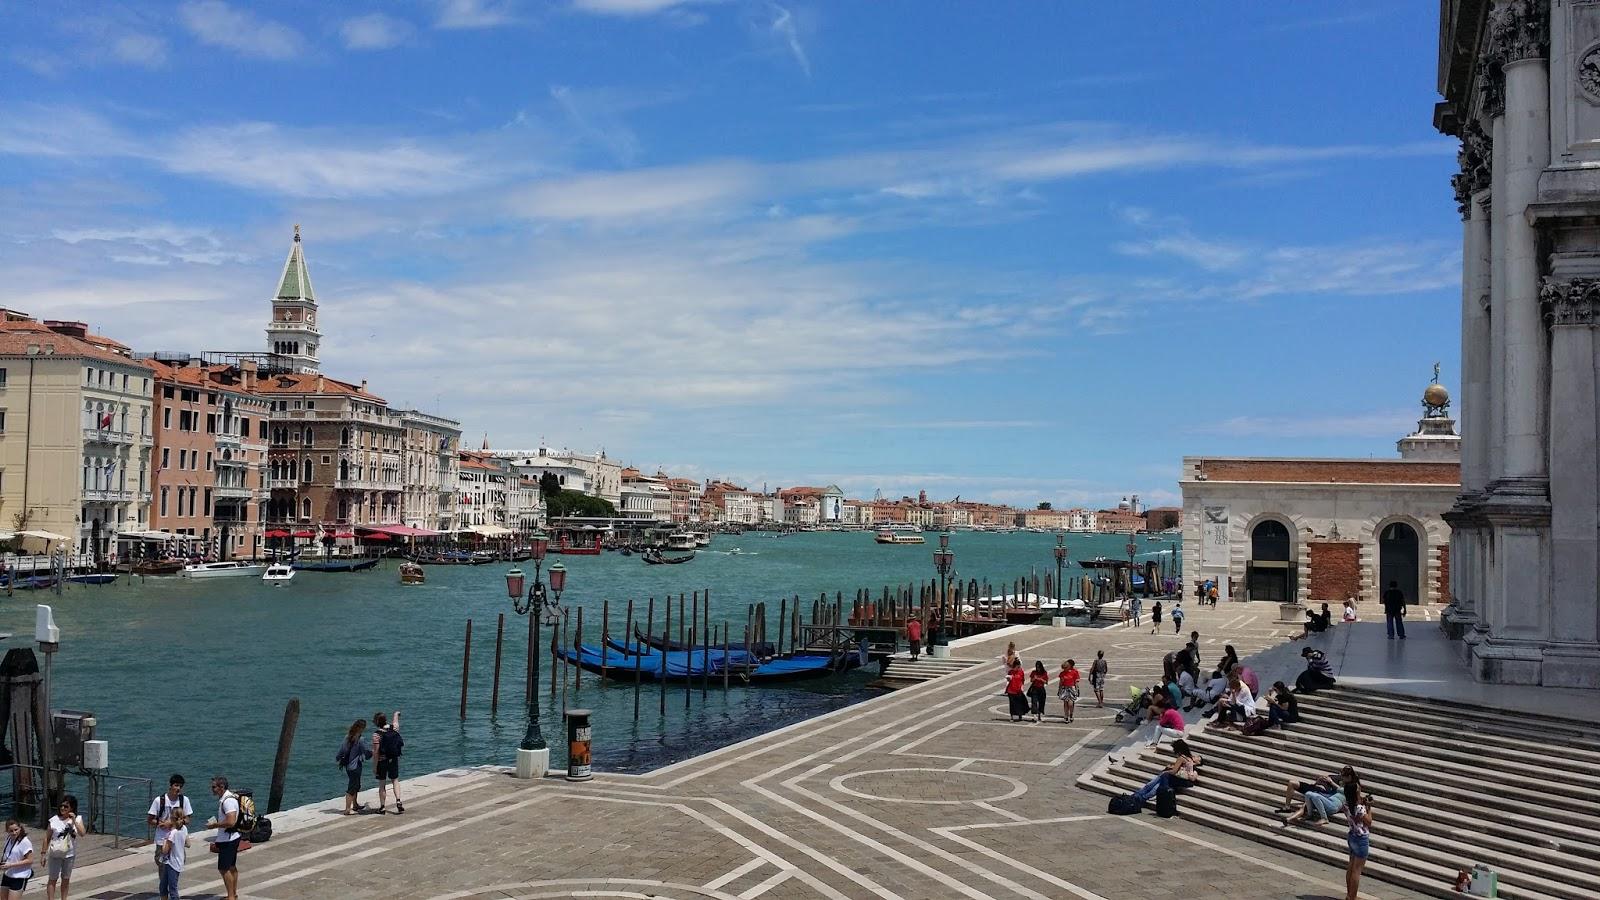 donne cercano uomini a venezia